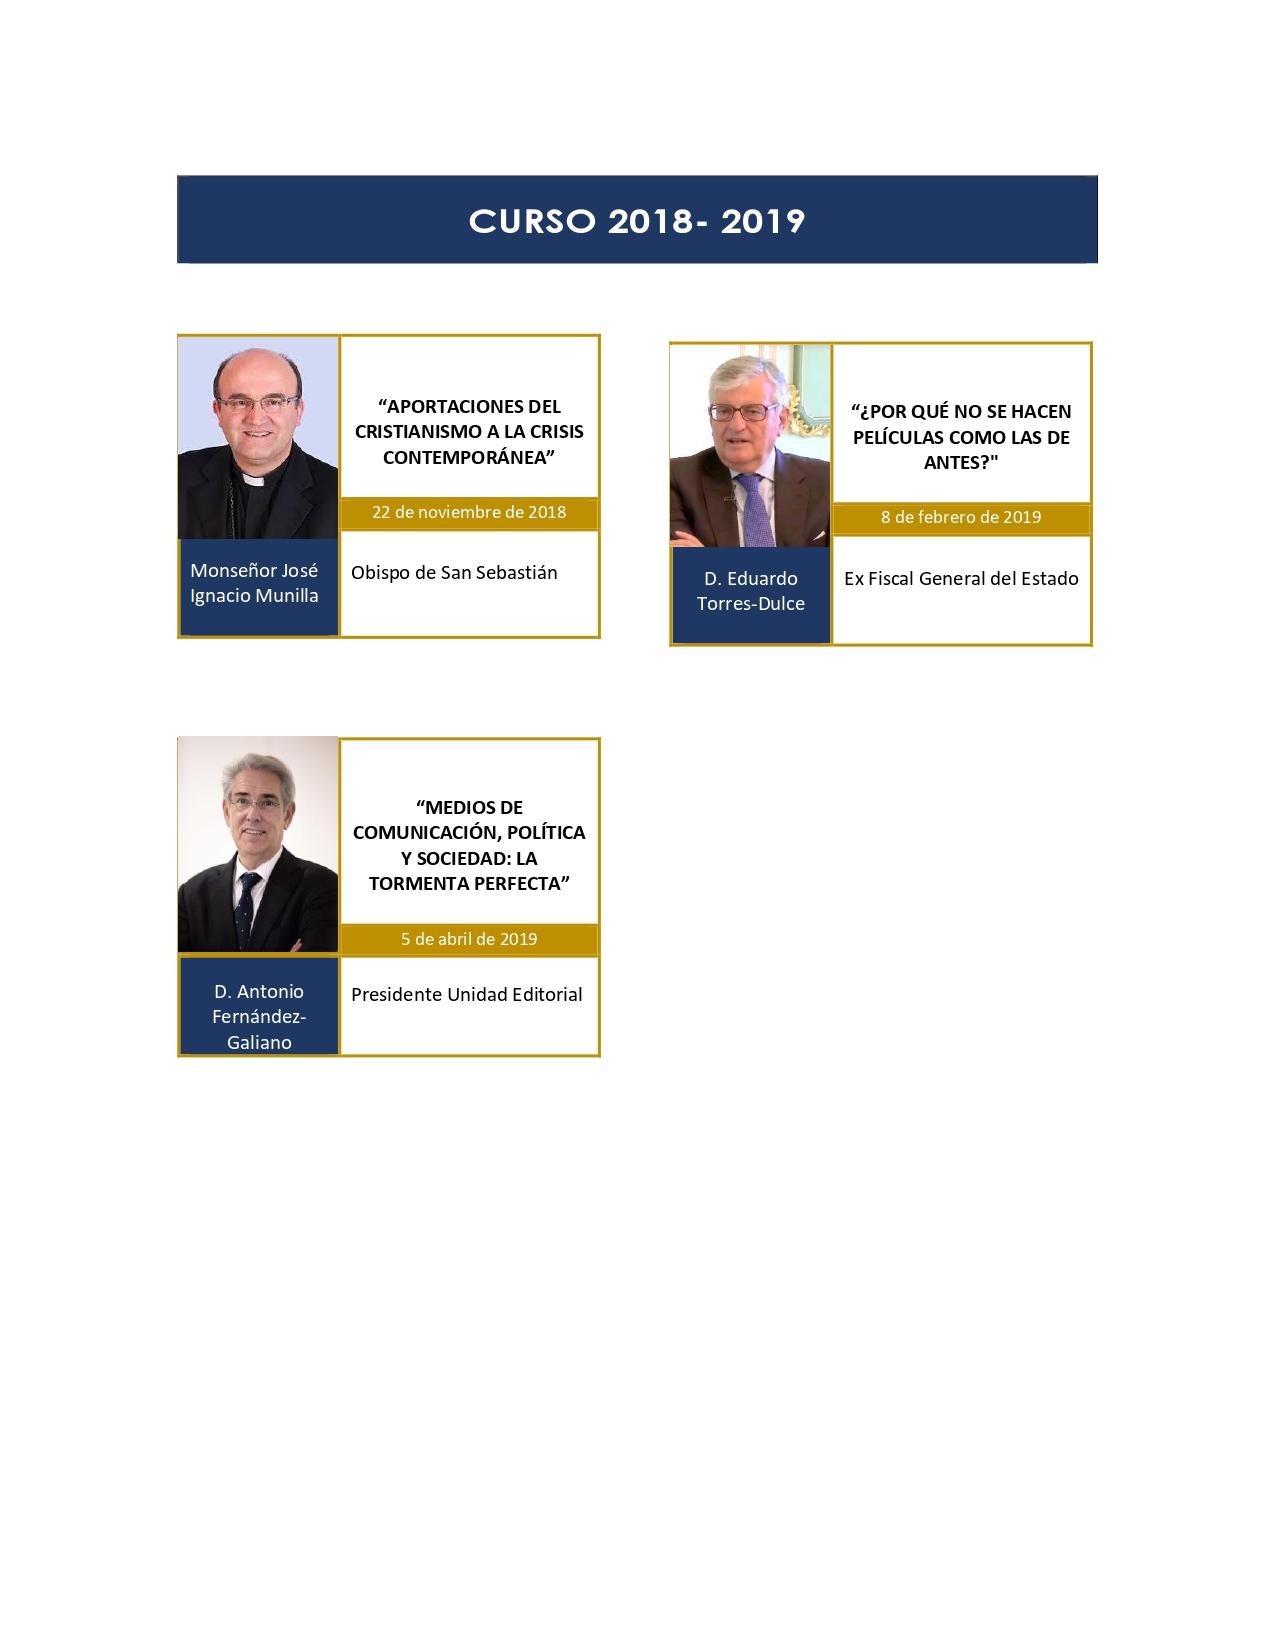 CURSO 2018-2019_jpg